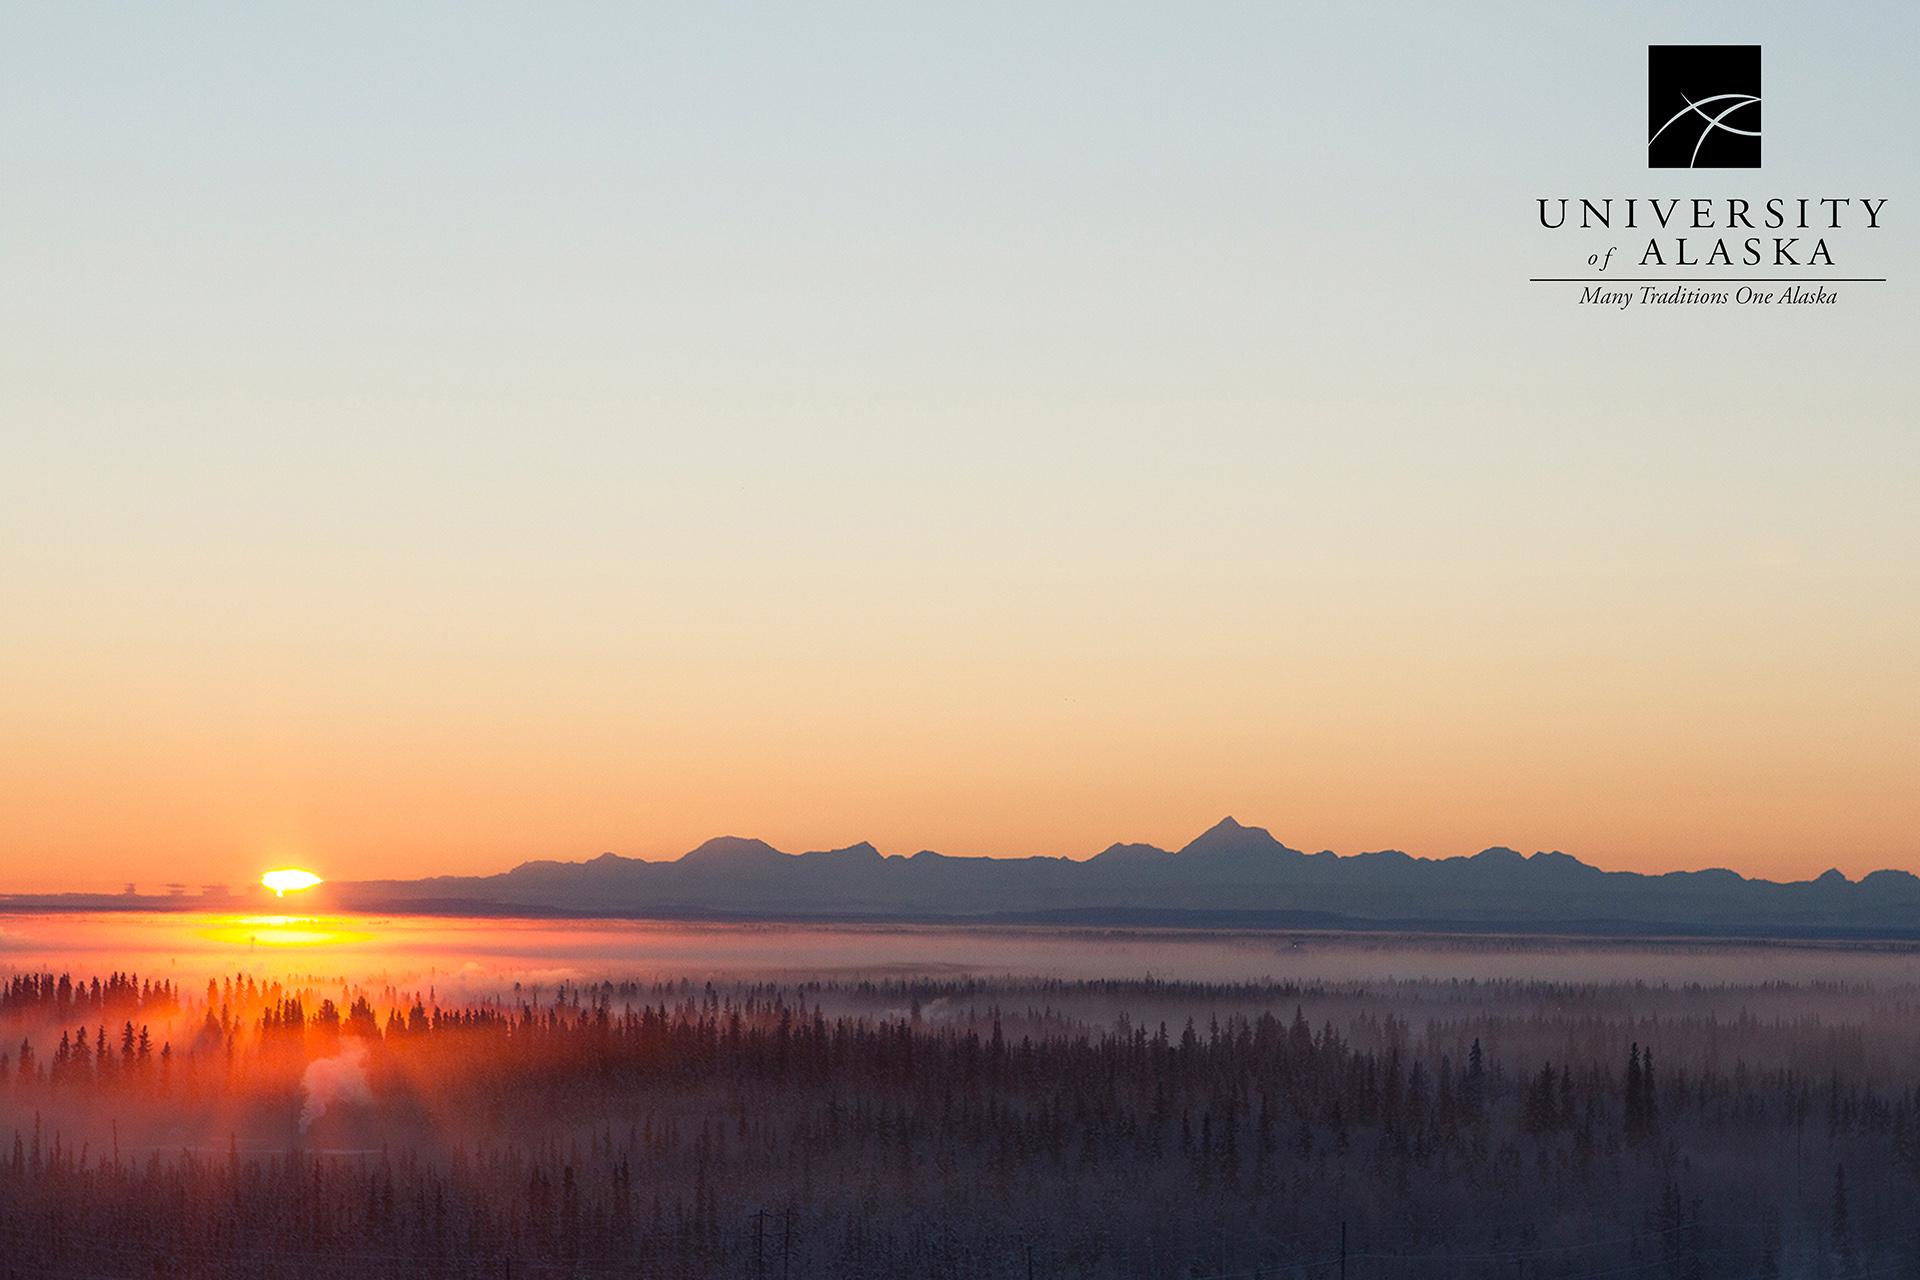 Alaska Range scenic